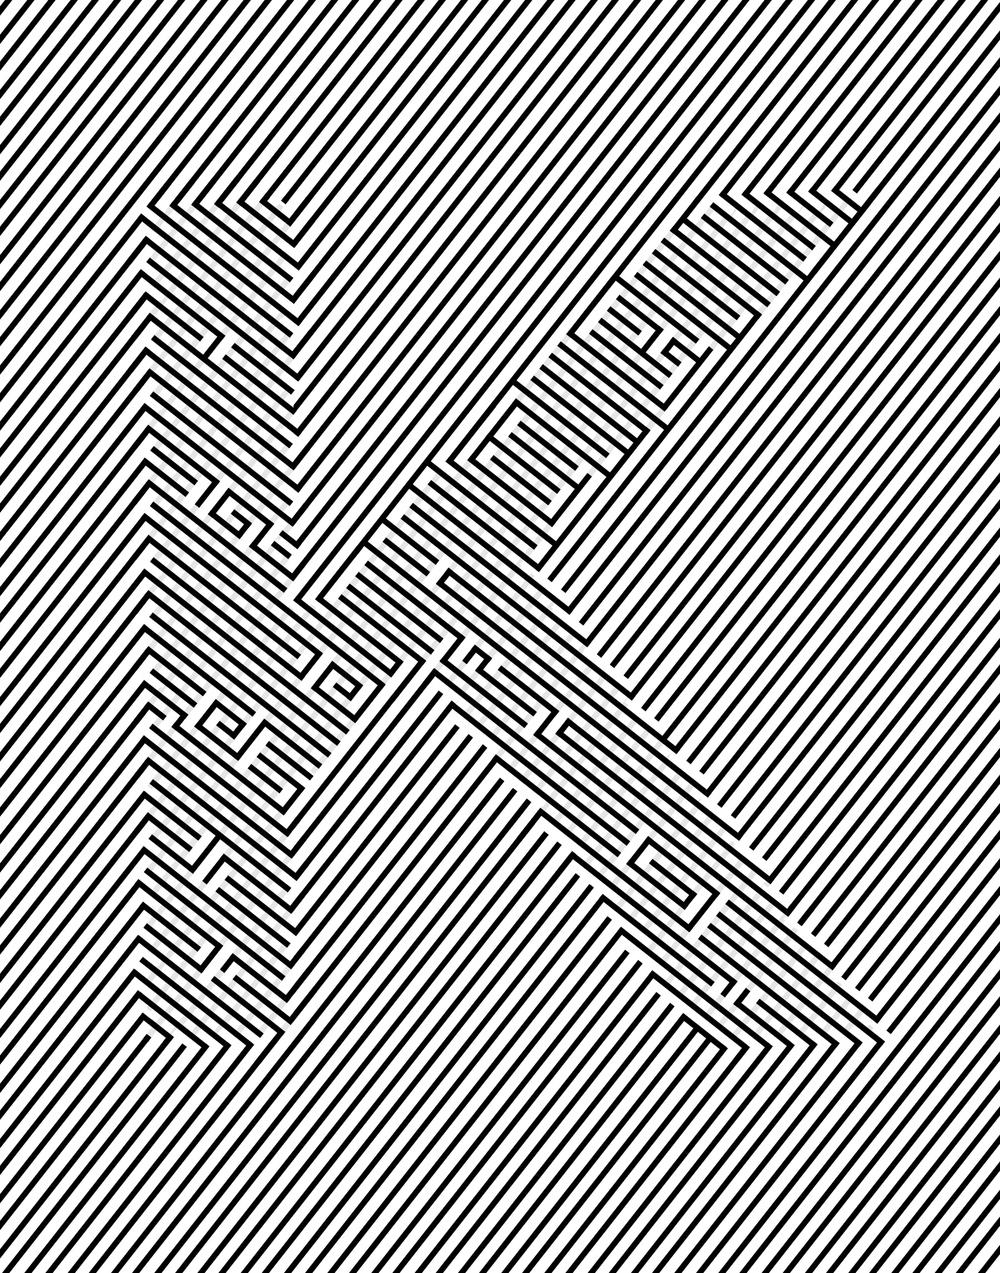 ijkl-03.jpg